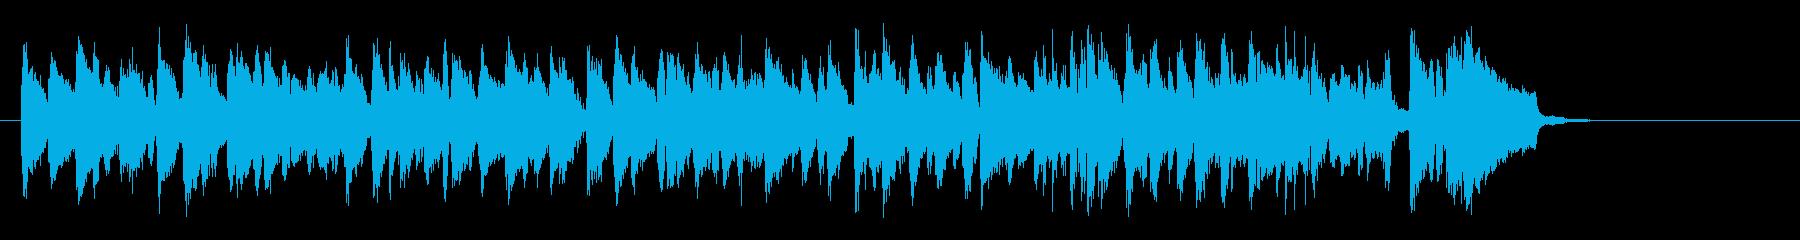 懐かしさに浸るジャズ(サビ~エンド)の再生済みの波形